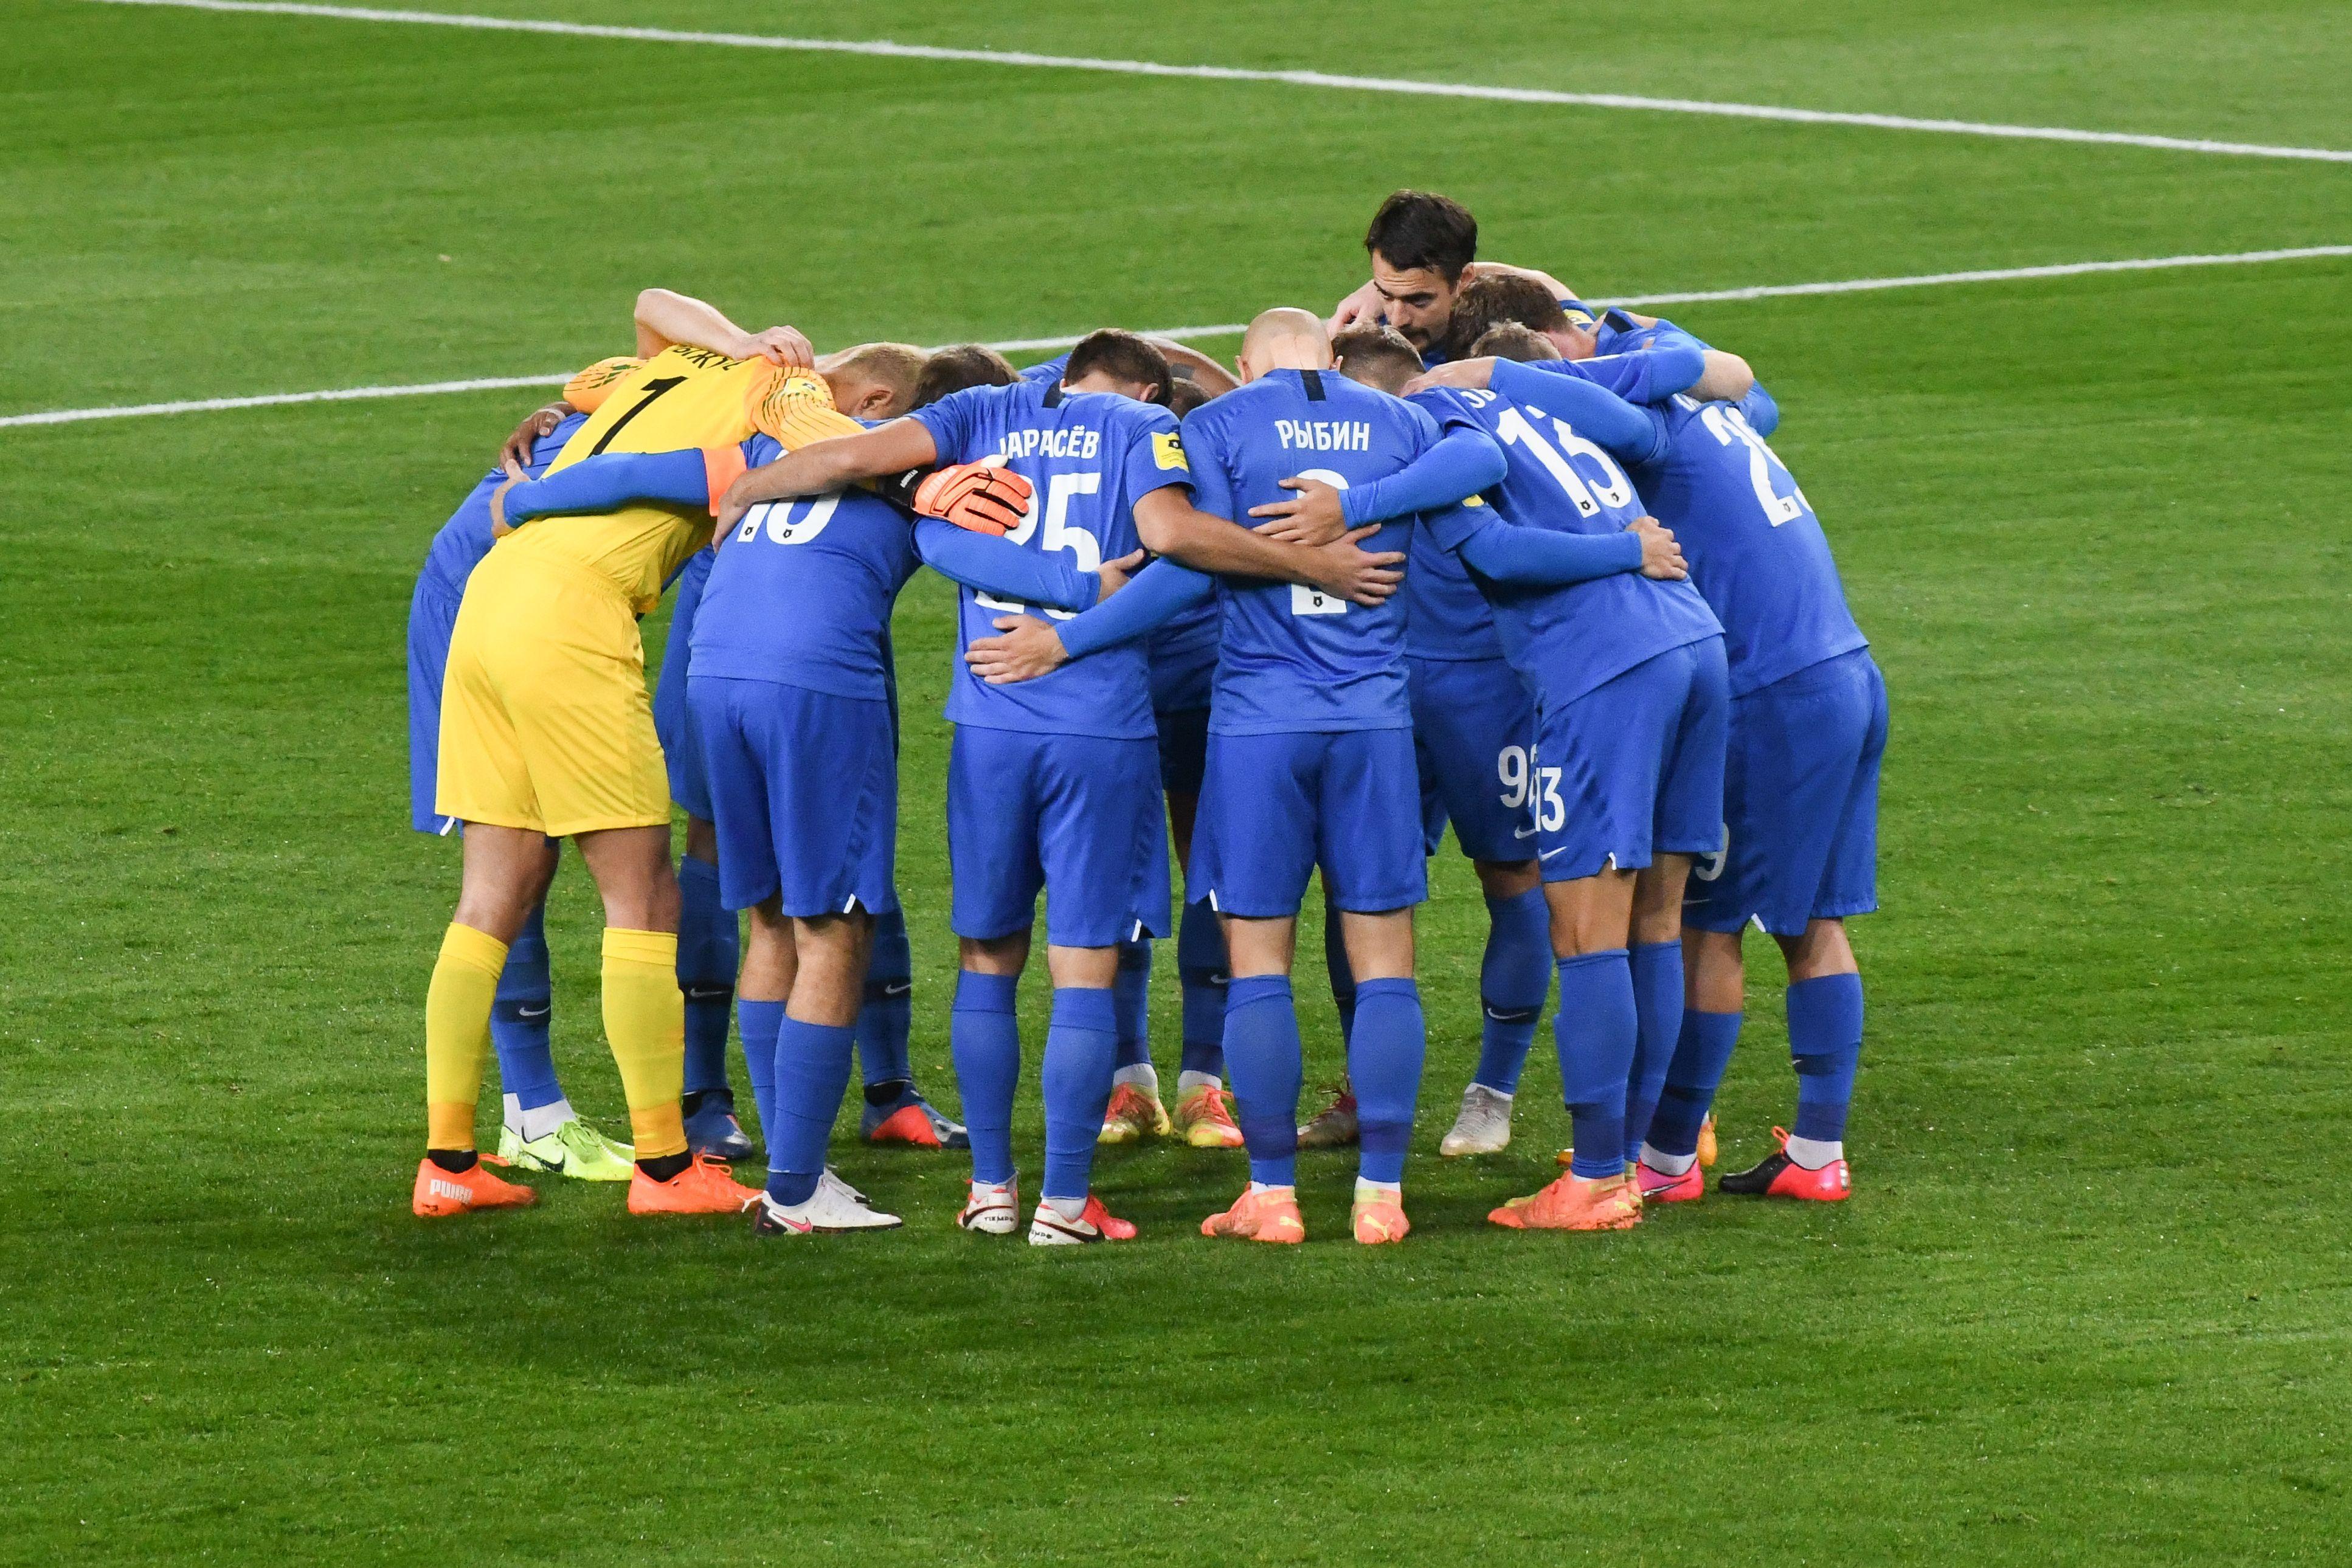 Матч 'Локомотив' - 'Тамбов' в Кубке России под угрозой срыва